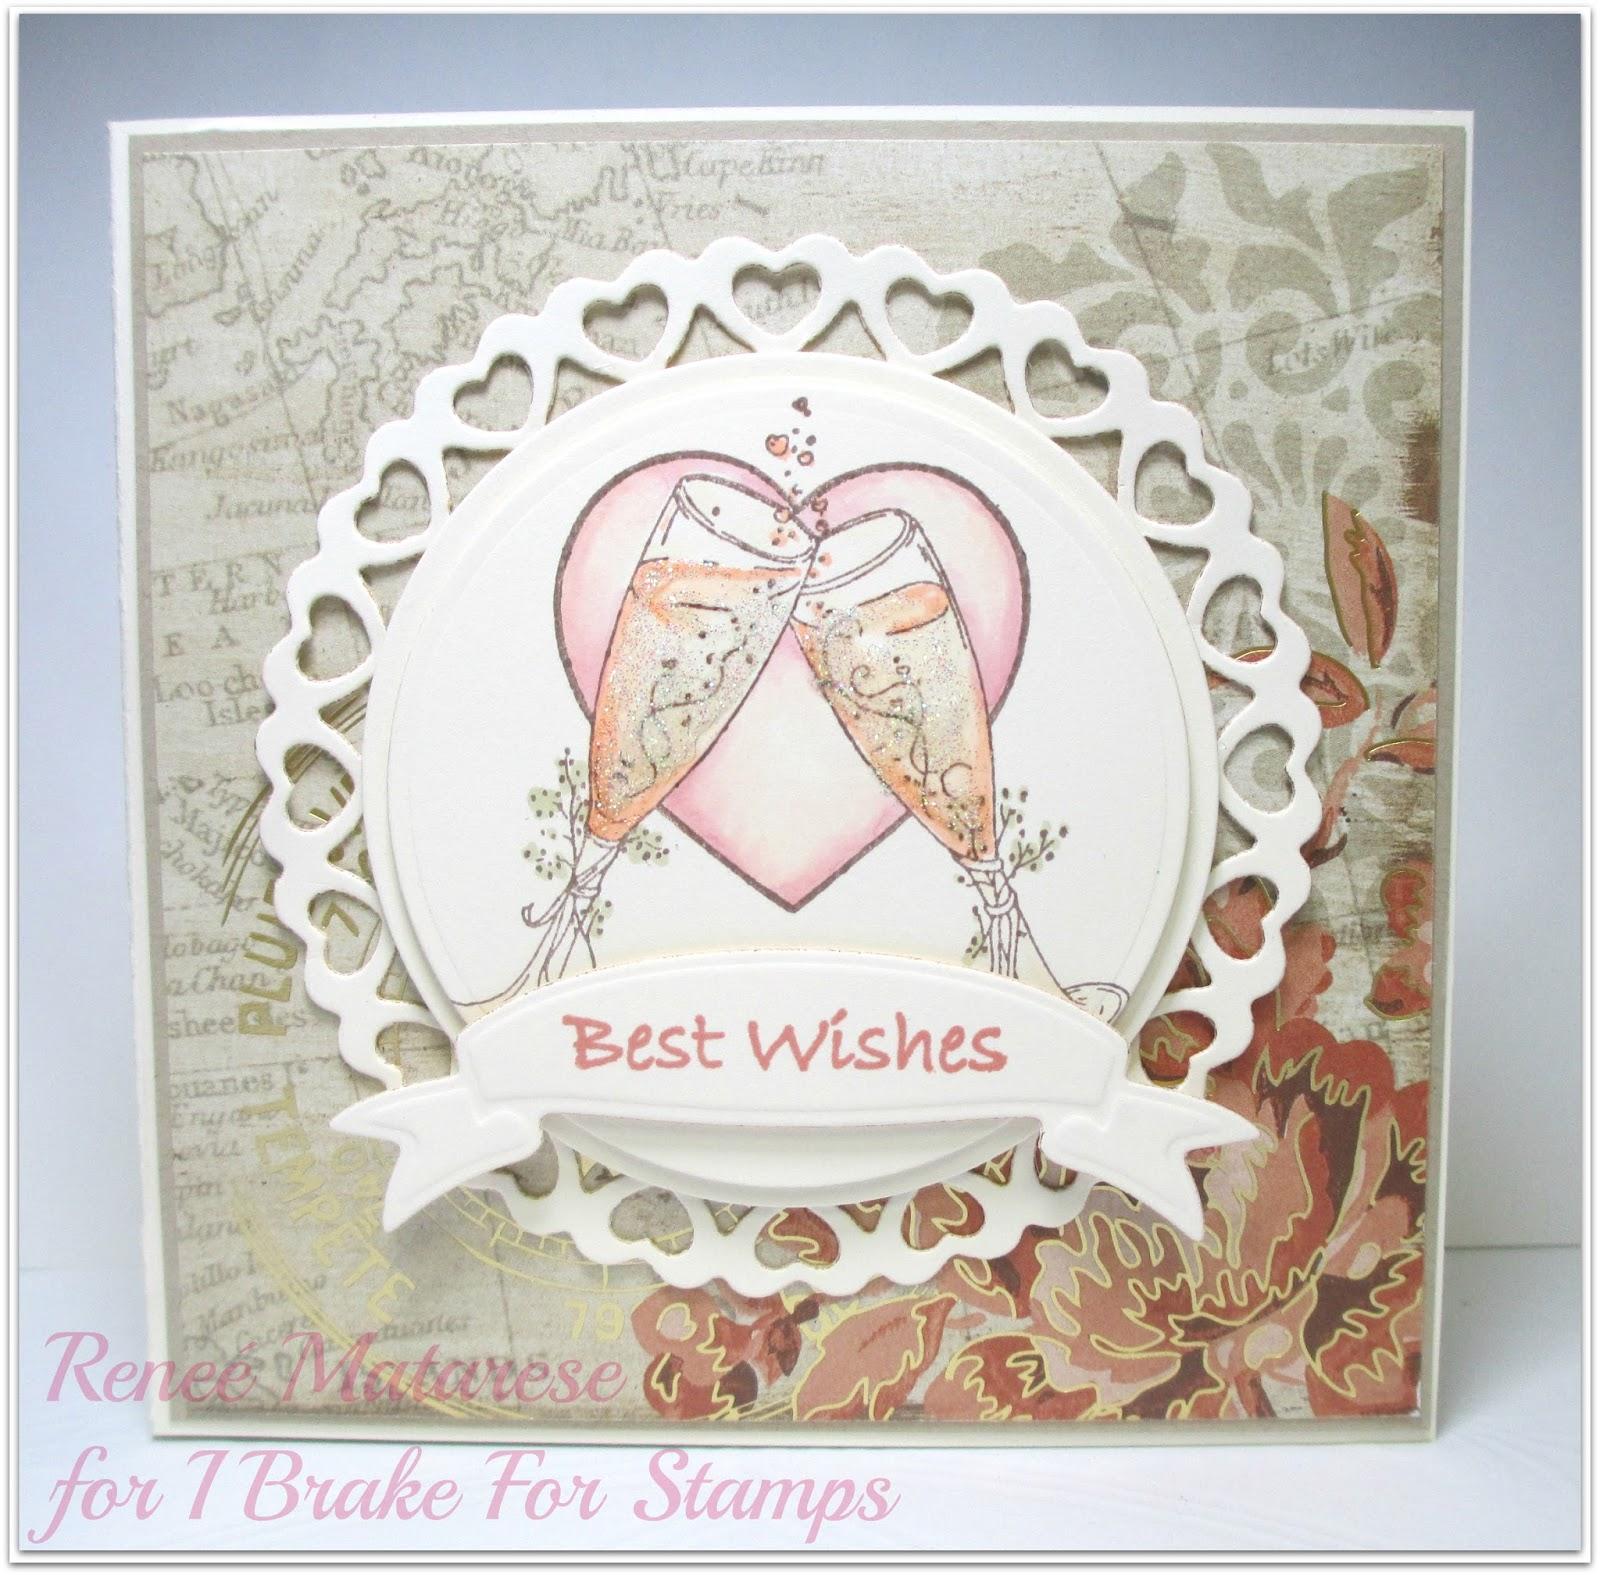 renlymat's world best wishes wedding card